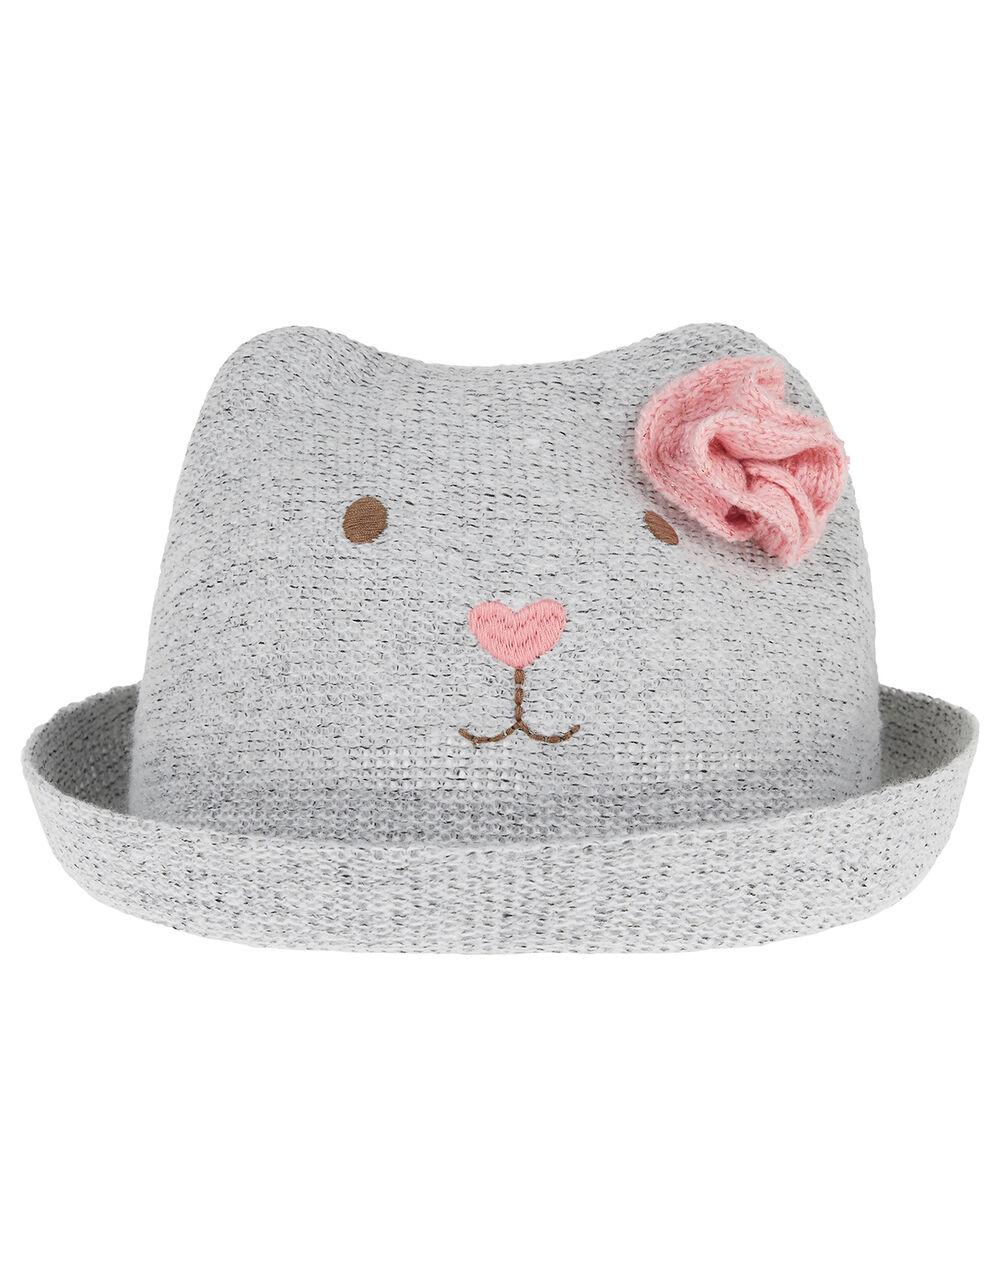 Baby Brooke Bear Bowler Hat, Grey (GREY), large